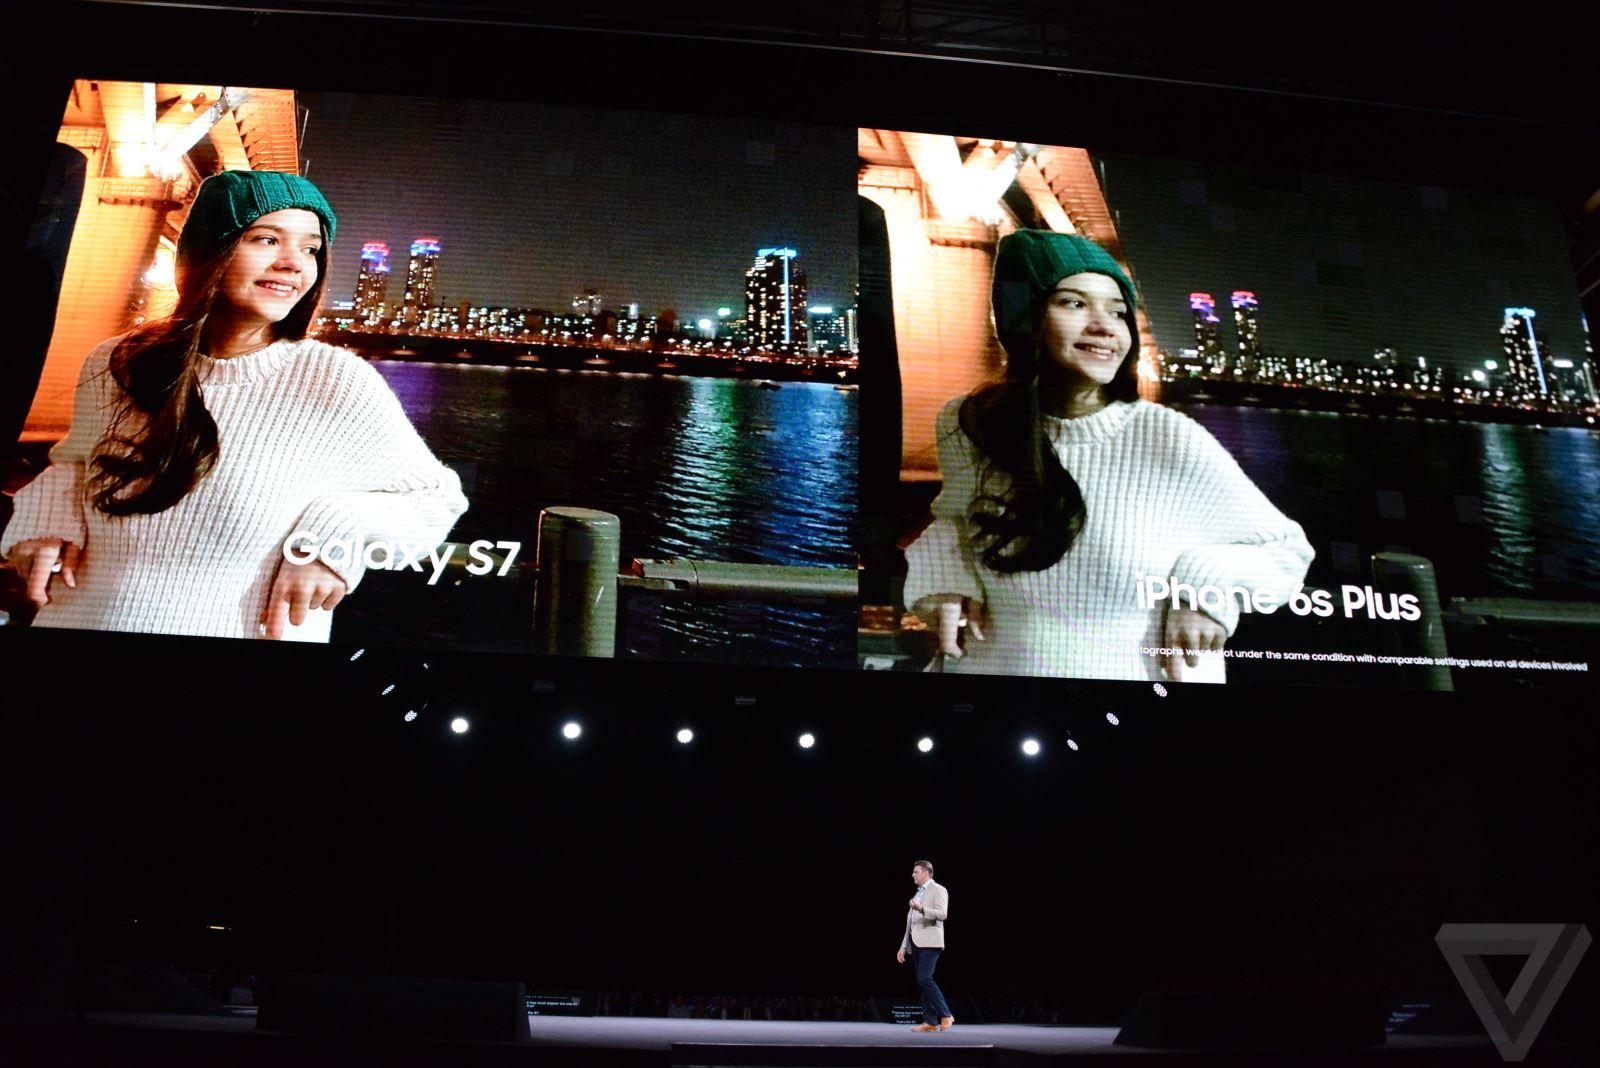 Tổng hợp hình ảnh tại sự kiện ra mắt Galaxy S7